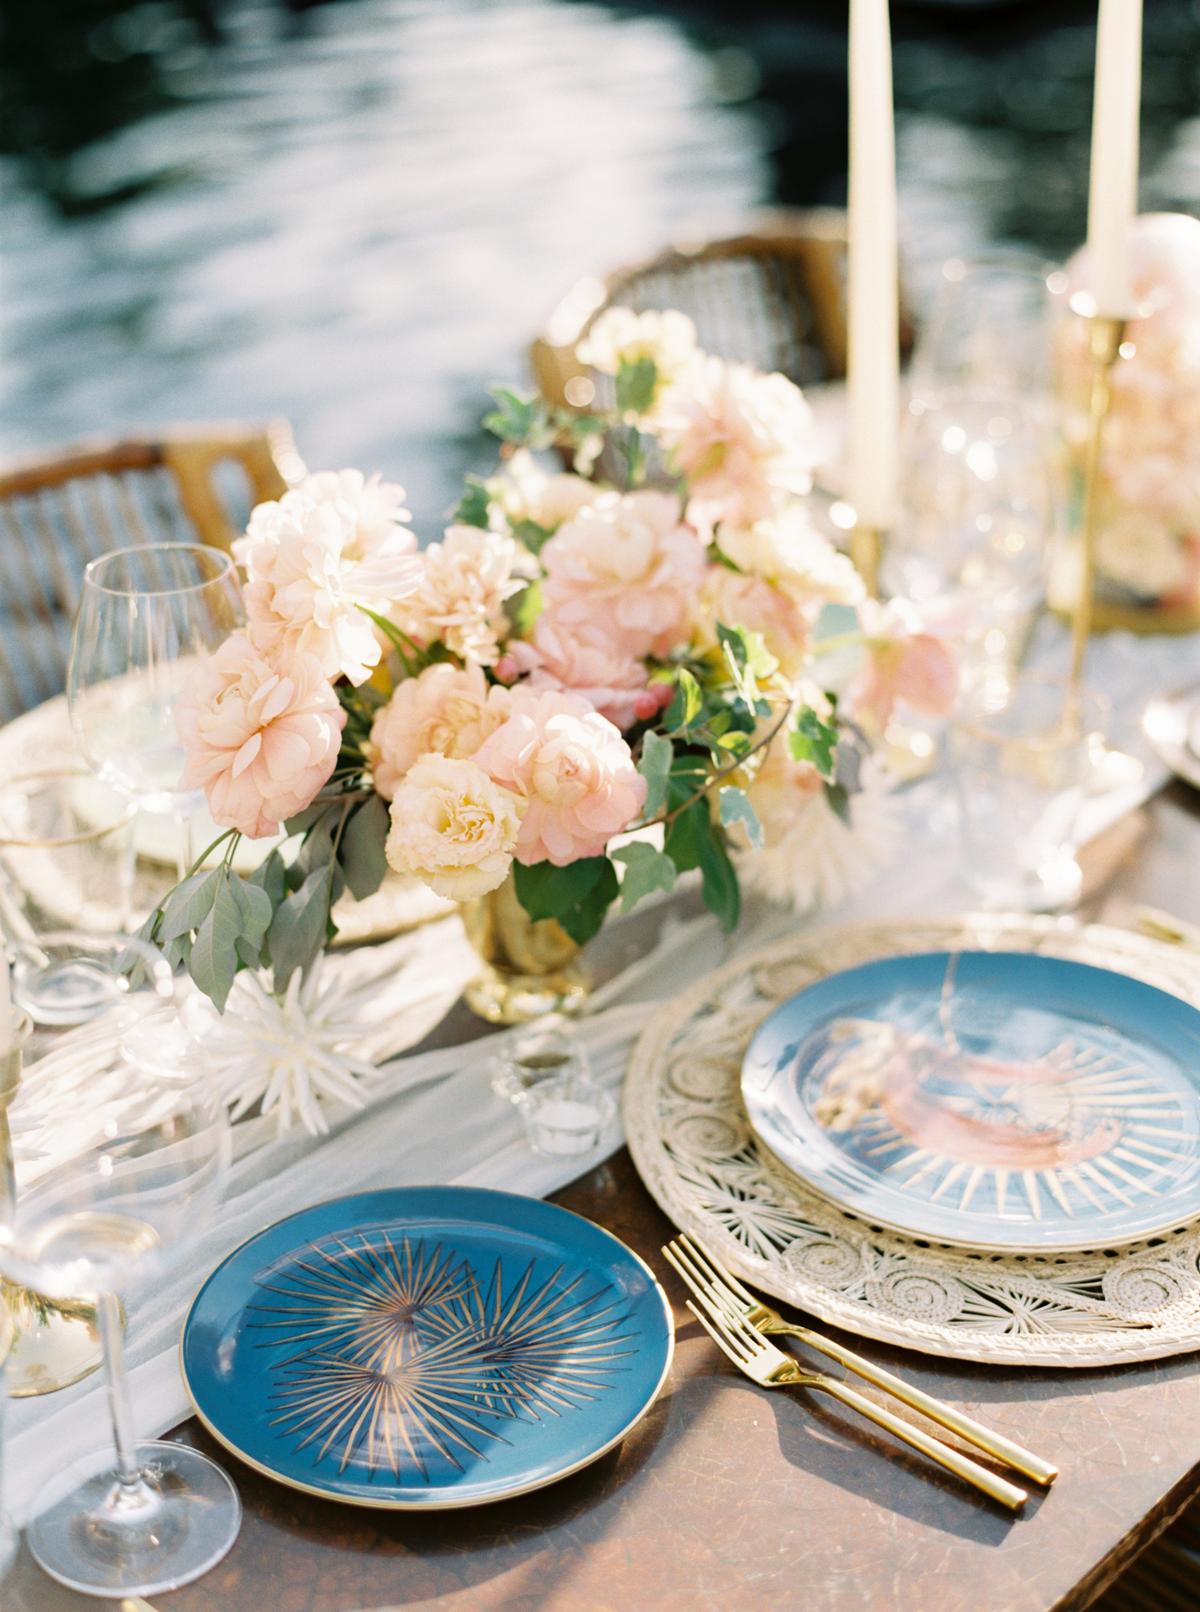 turks and caicos shoot erich mcvey tablescape blue plates florals